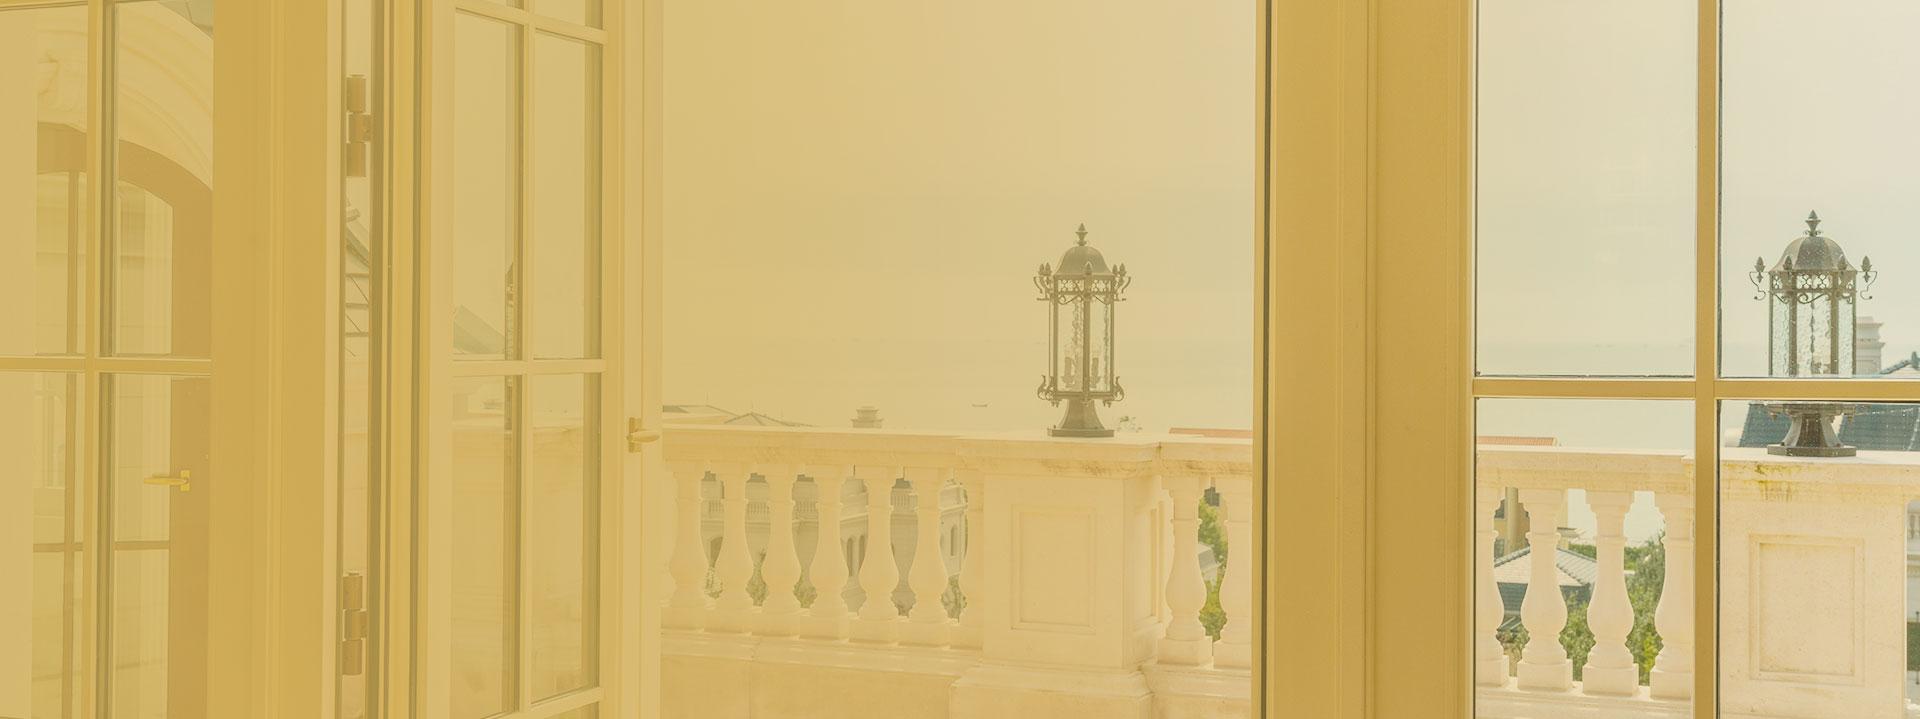 Classic Aluminum-clad Wood Air Conditioning Window